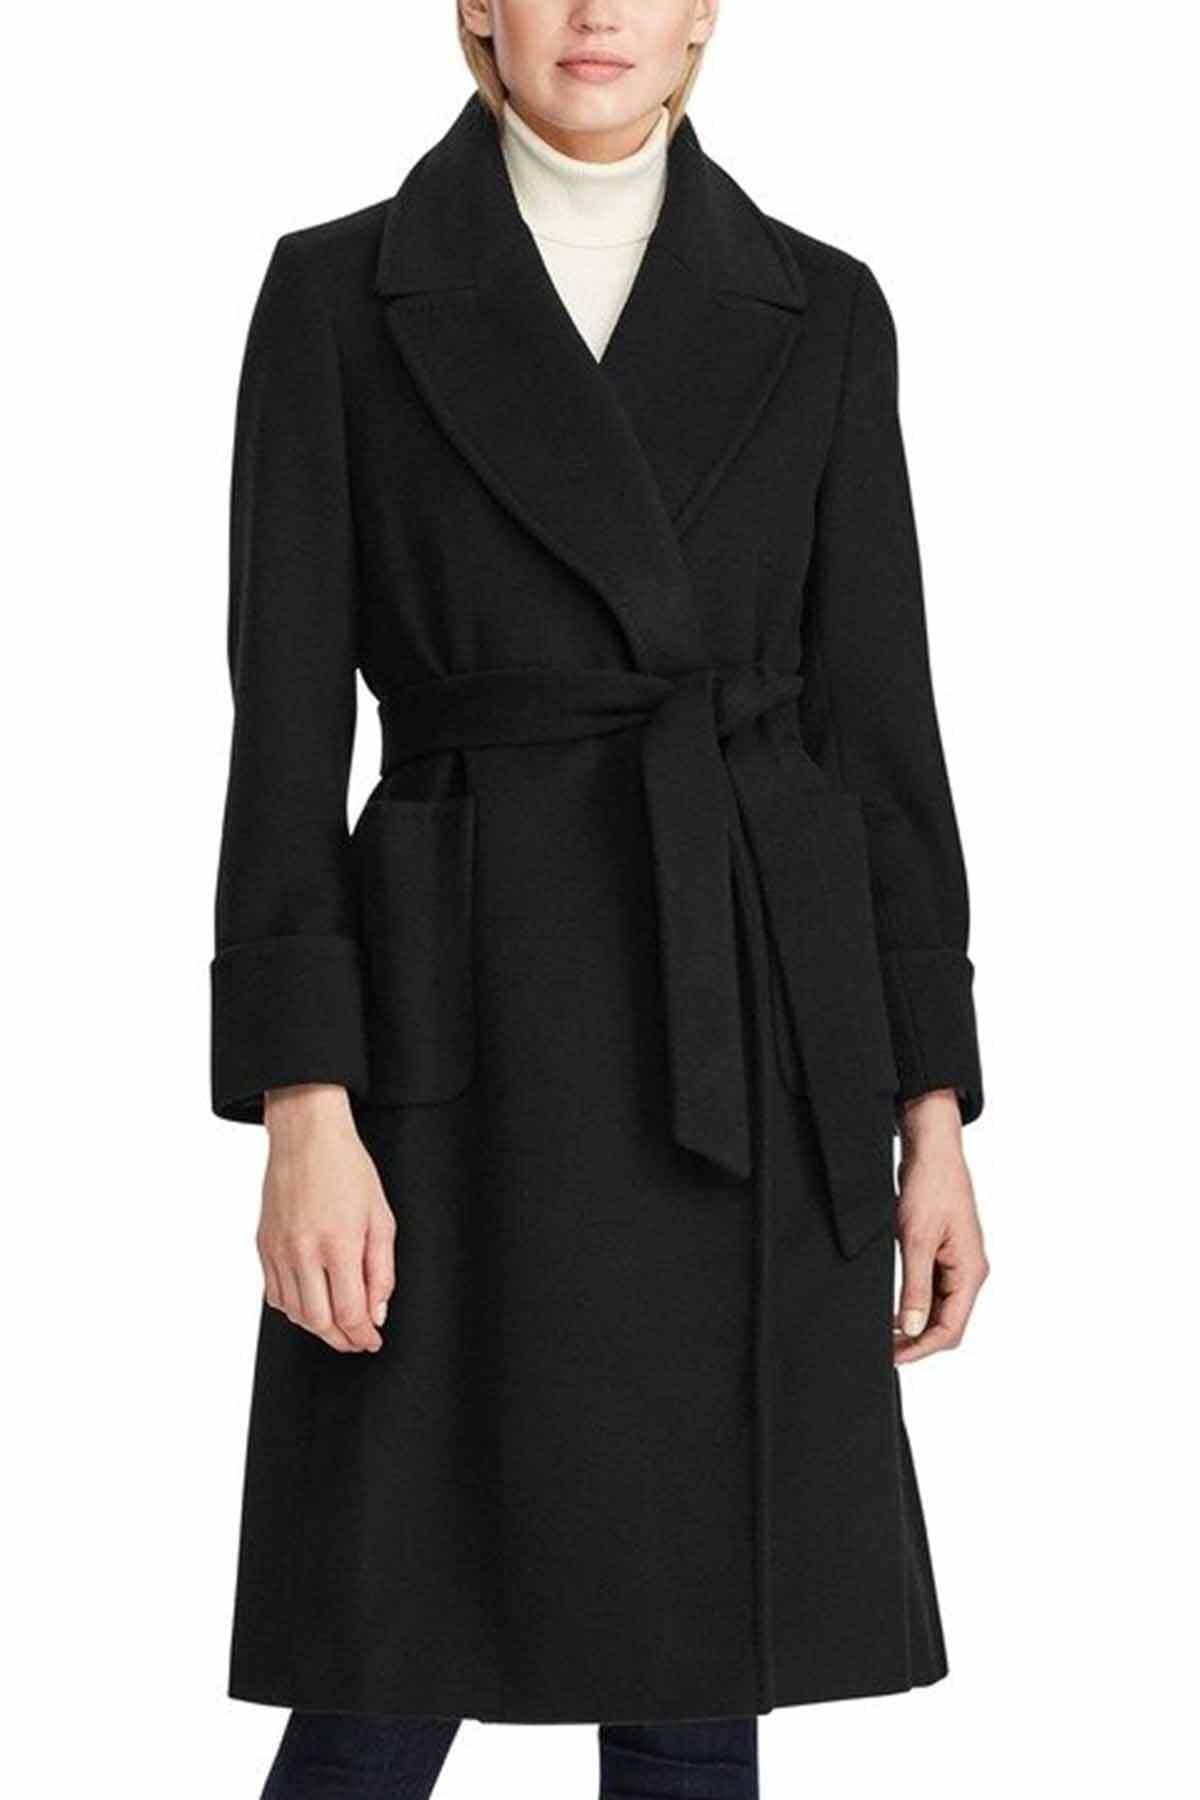 Polo Ralph Lauren Kadın Siyah Belden Kuşaklı Kaşmirli Palto 1